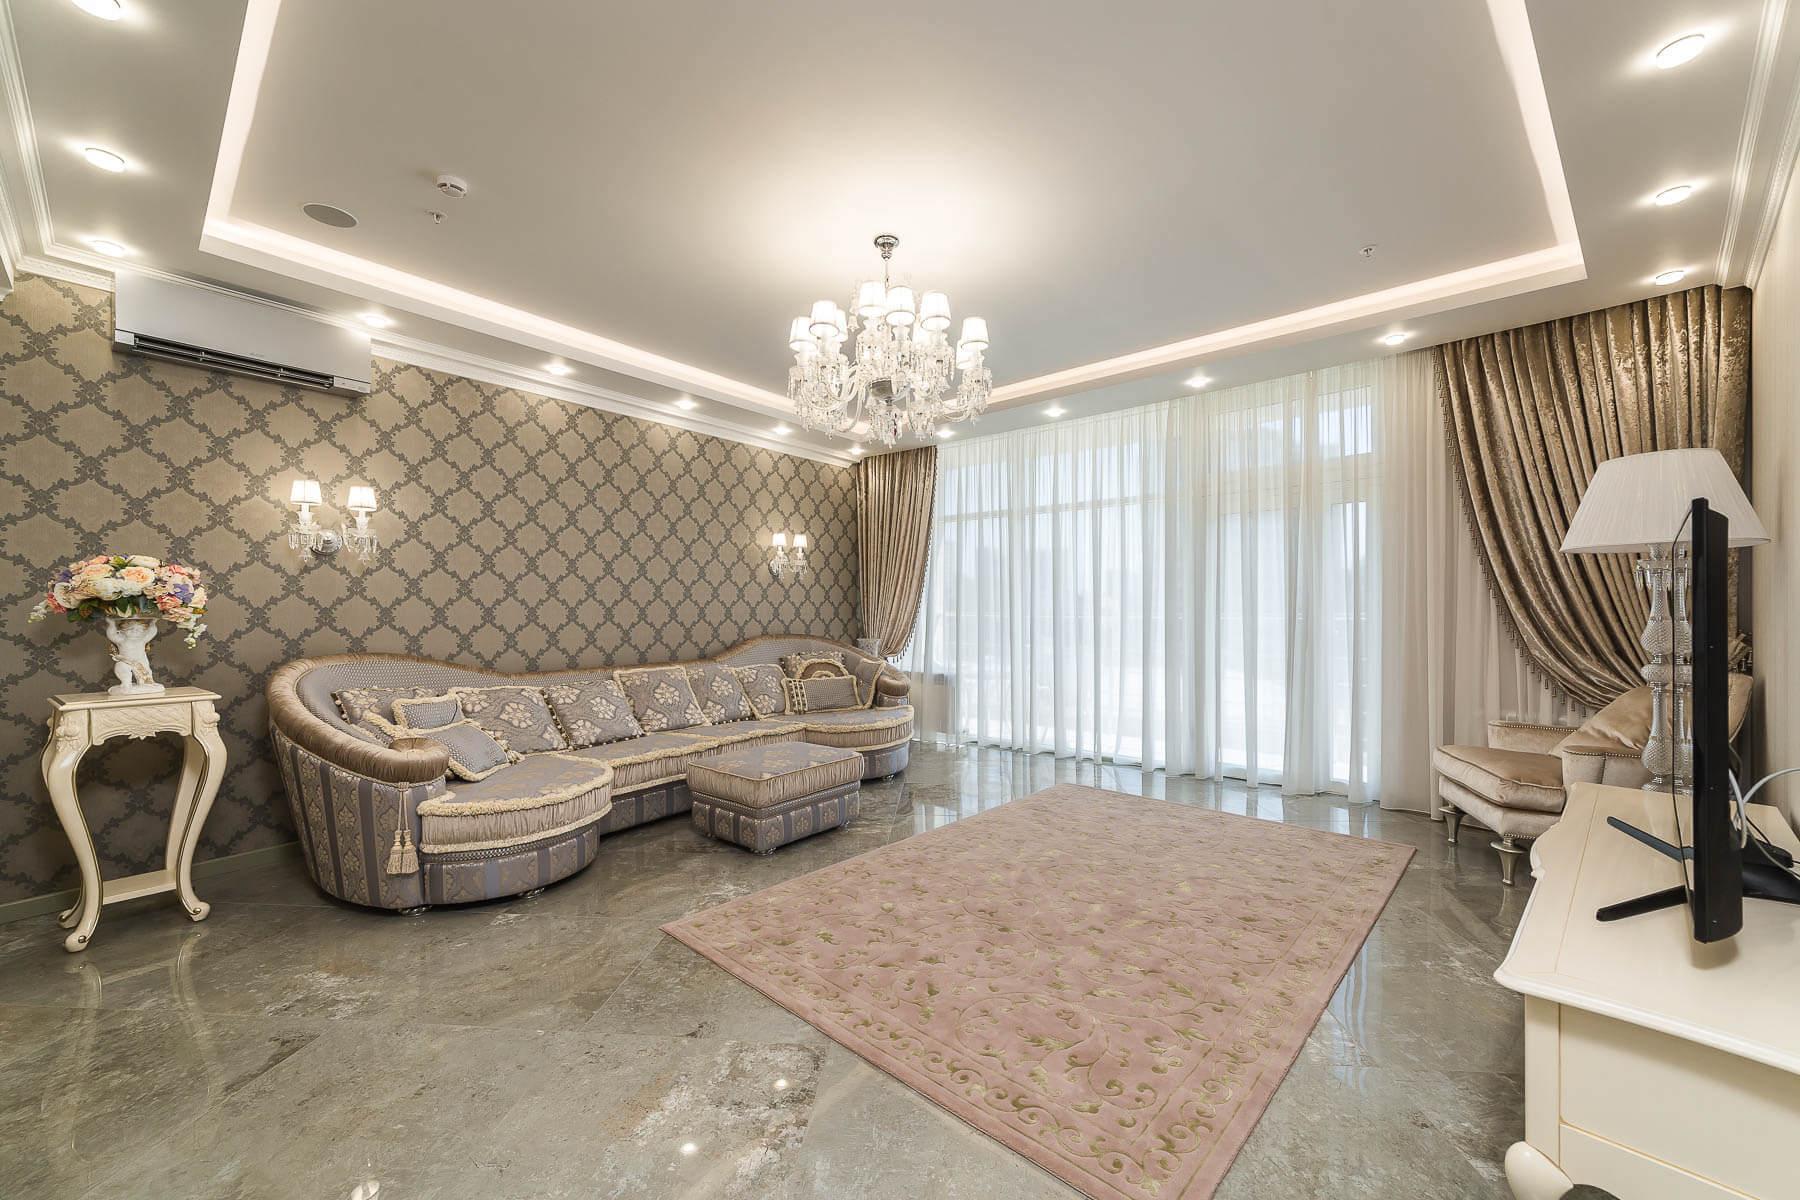 Элитные 3-х комнатные апартаменты в центре Сочи - image Elitnye-3-h-komnatnye-apartamenty-v-tsentre-Sochi on https://bizneskvartal.ru